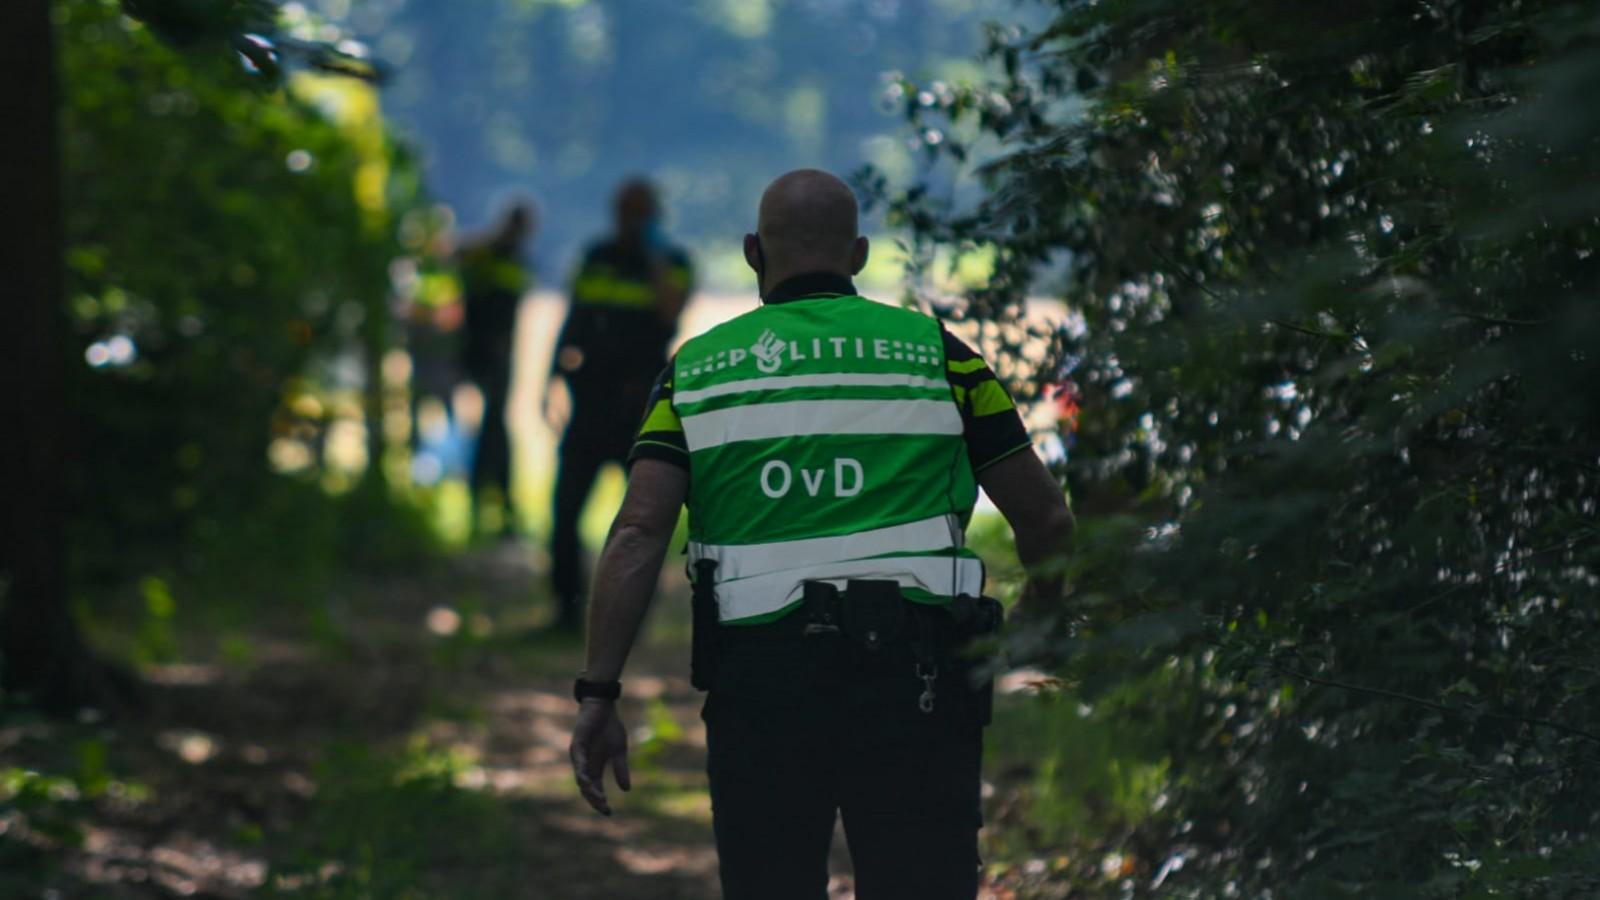 Nog veel vragen over door Hilversumse politie doodgeschoten man